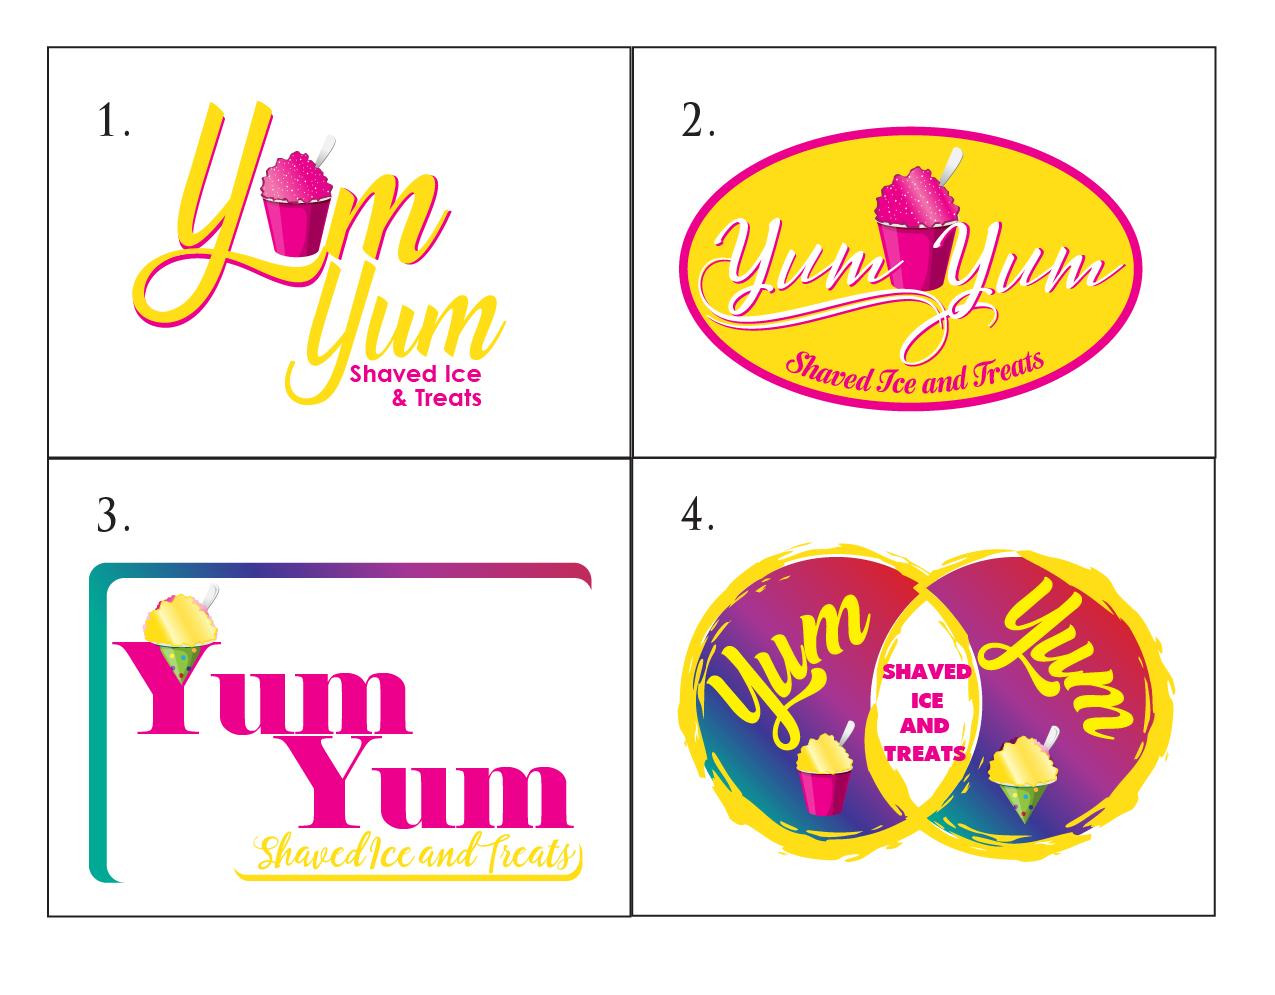 yum_yum_logo